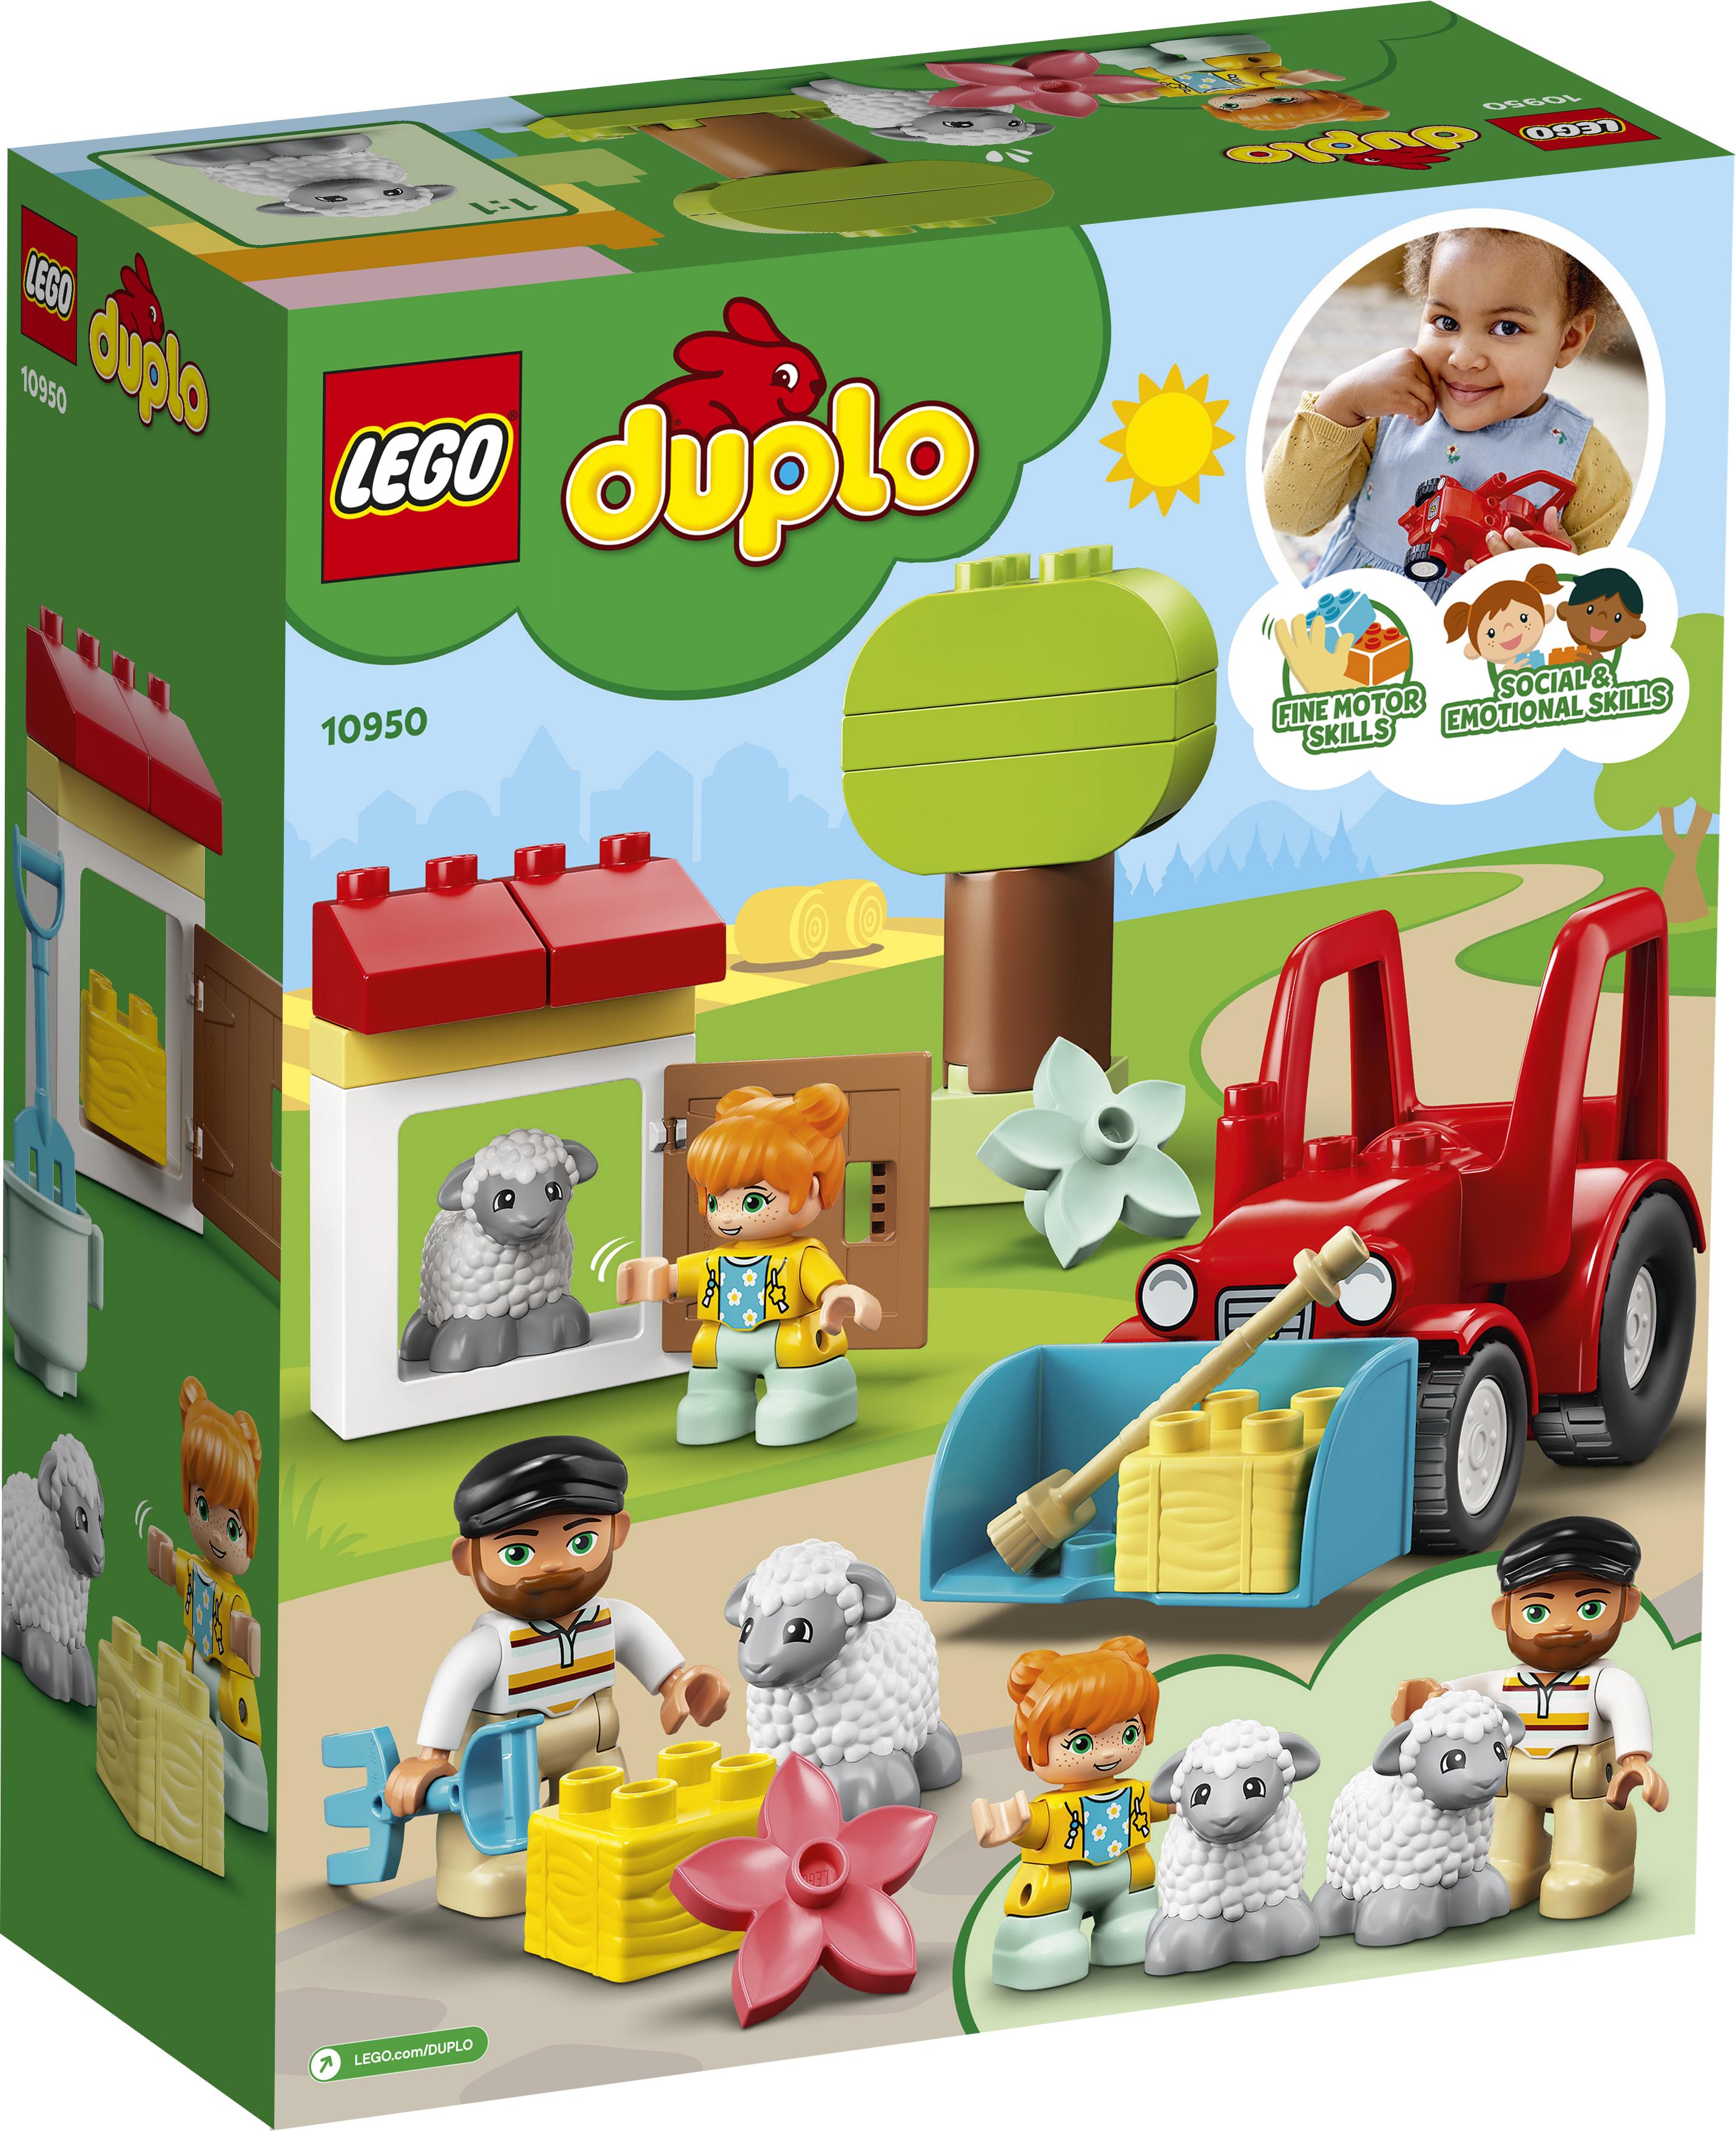 LEGO DUPLO Traktor og pasning af bondegårdsdyr - 10950